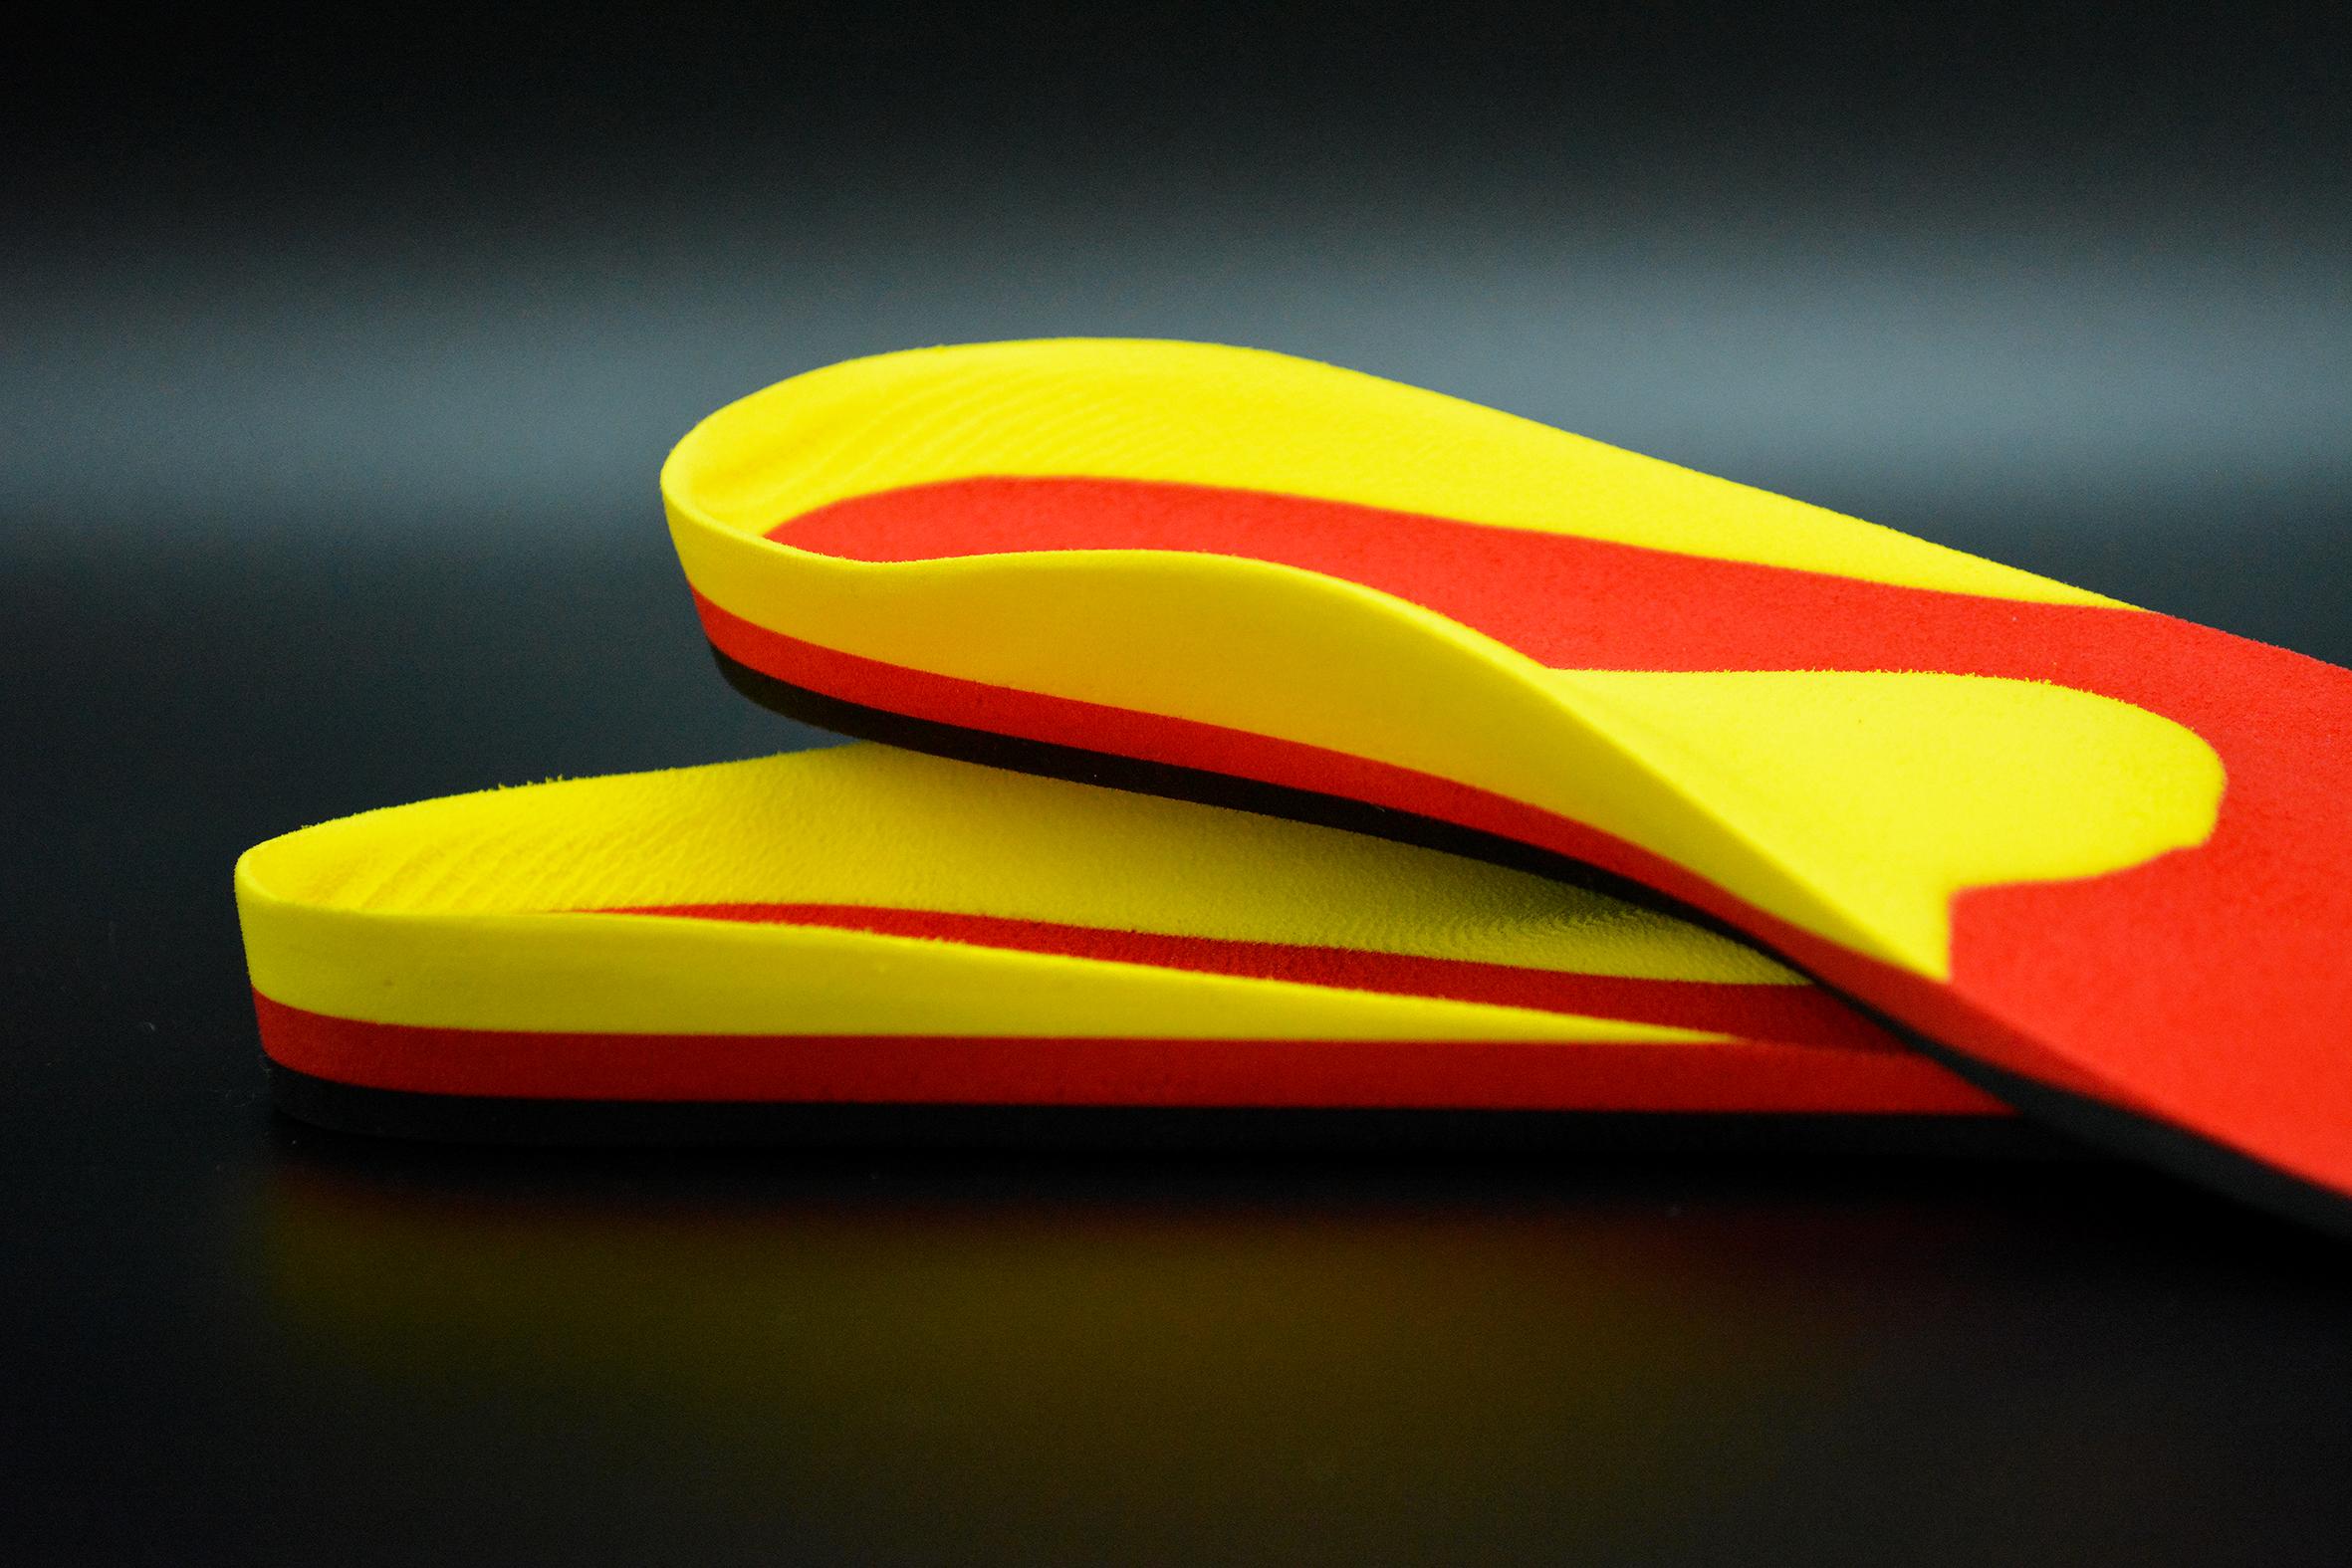 gefräste Sporteinlage aus dreischichtigem Fräsmaterial Lunatec combi CAD 2